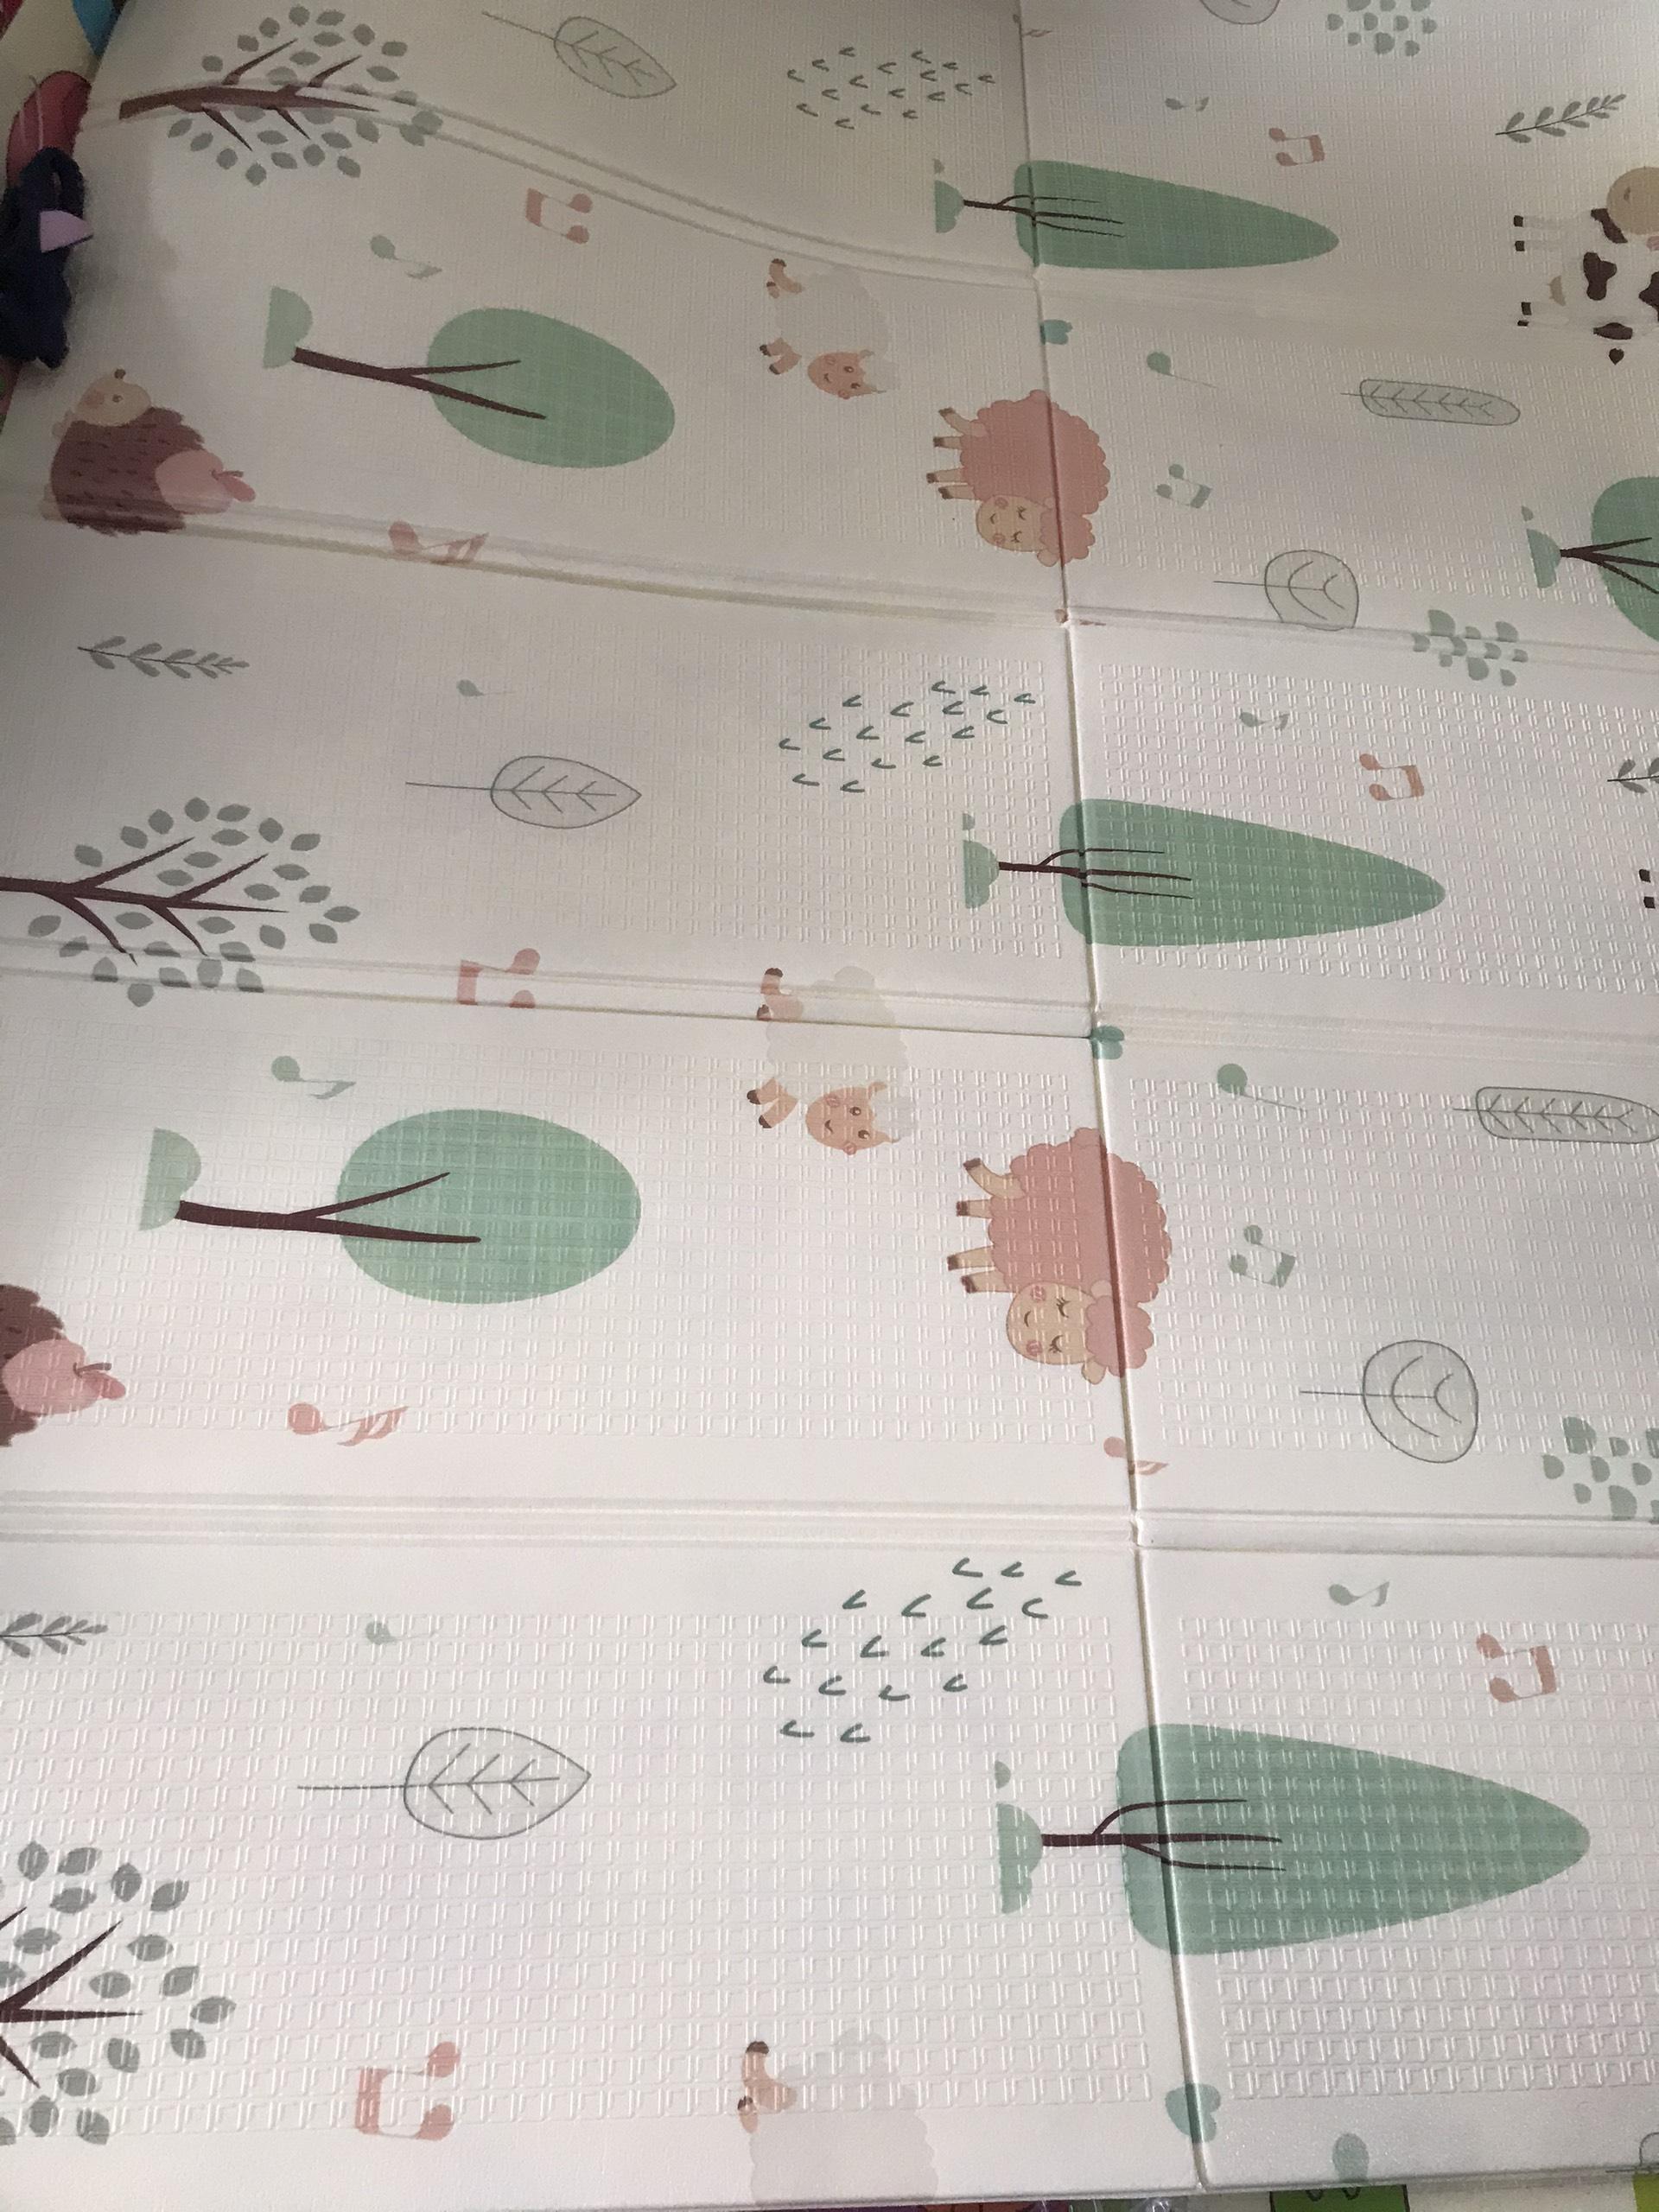 (thảm xếp gọn cho bé chơi 1m8x2m) thảm xốp xpe cao cấp hai mặt dày 0.8cm  hàng cao cấp, chống thấm, chống trơn trượt,chống nóng họa tiết dễ thương  (giao họa tiết ngẫu nhiên)